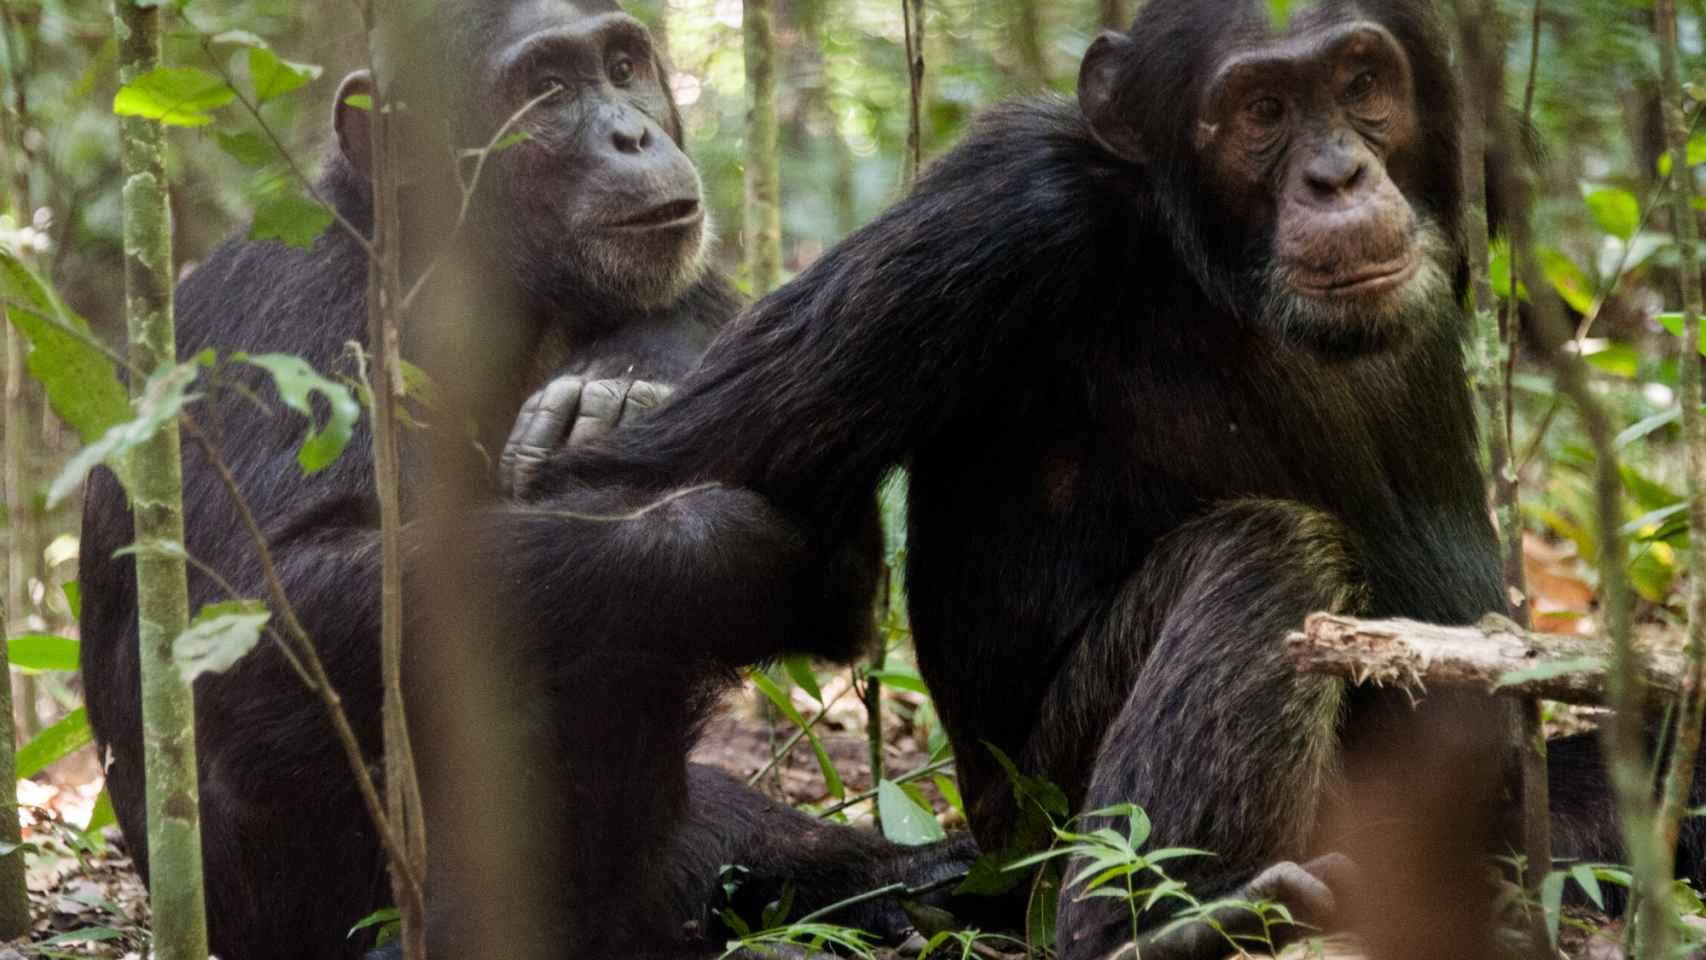 Los chimpancés forman coaliciones con un macho alfa.